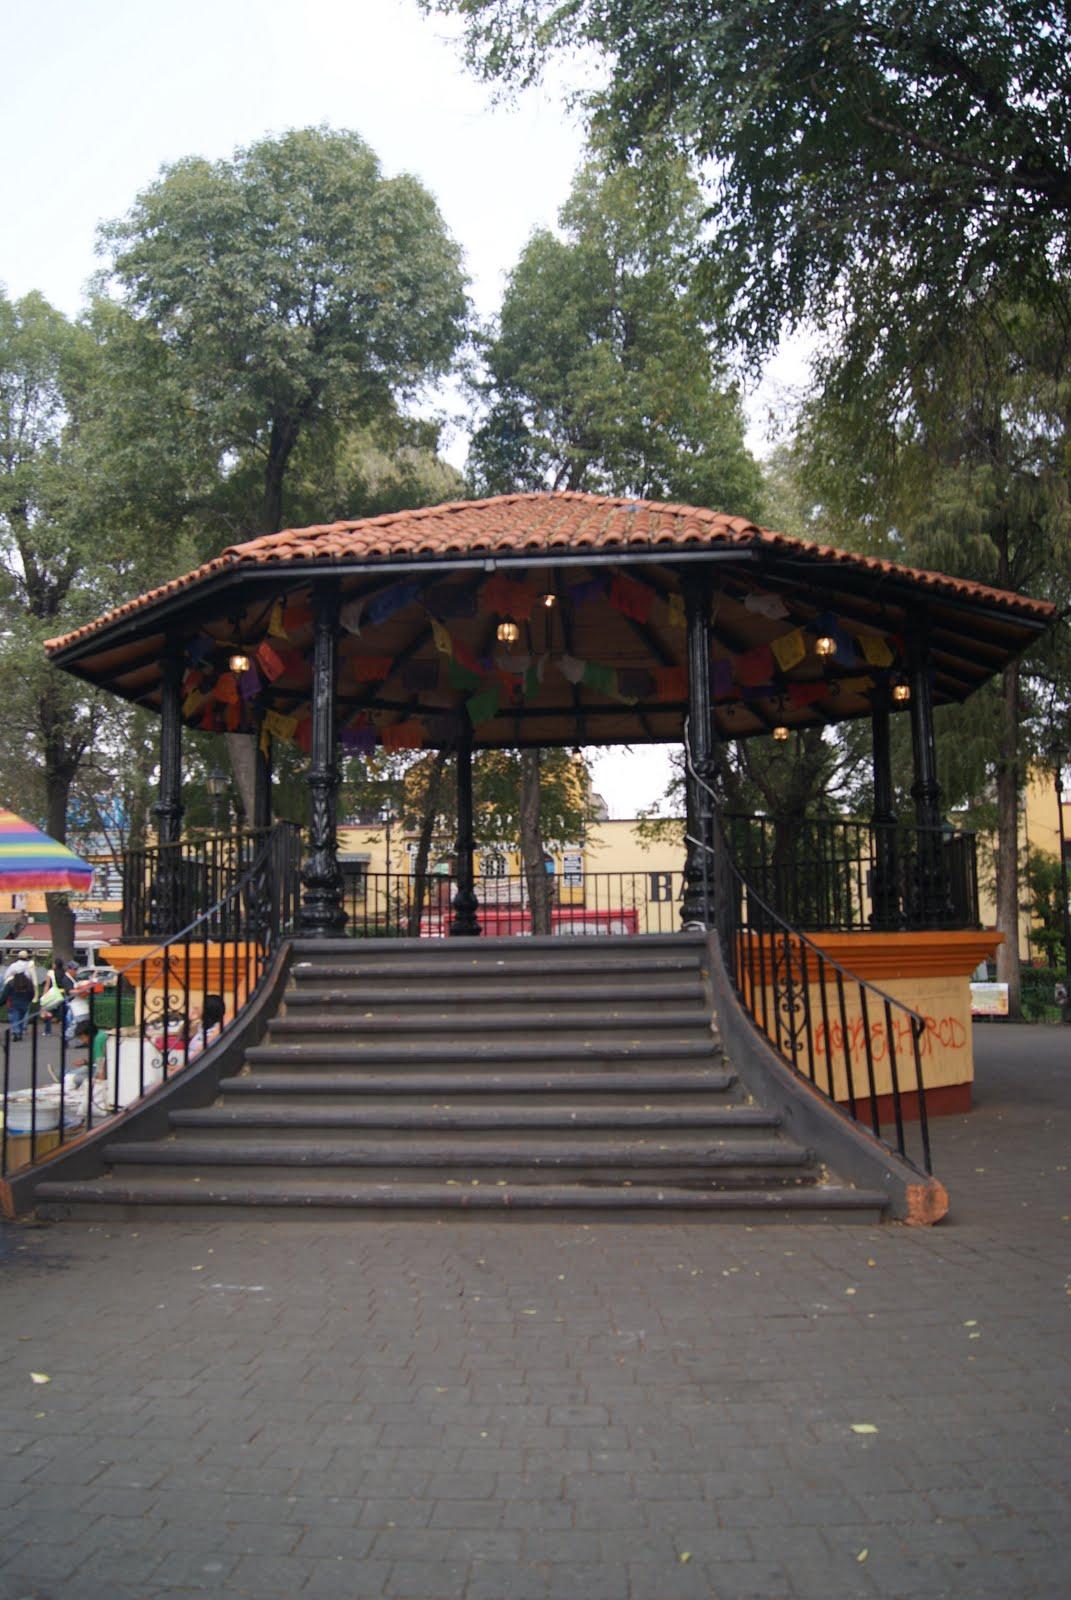 Instant neas de la ciudad kiosco jard n ju rez for Jardin xochimilco